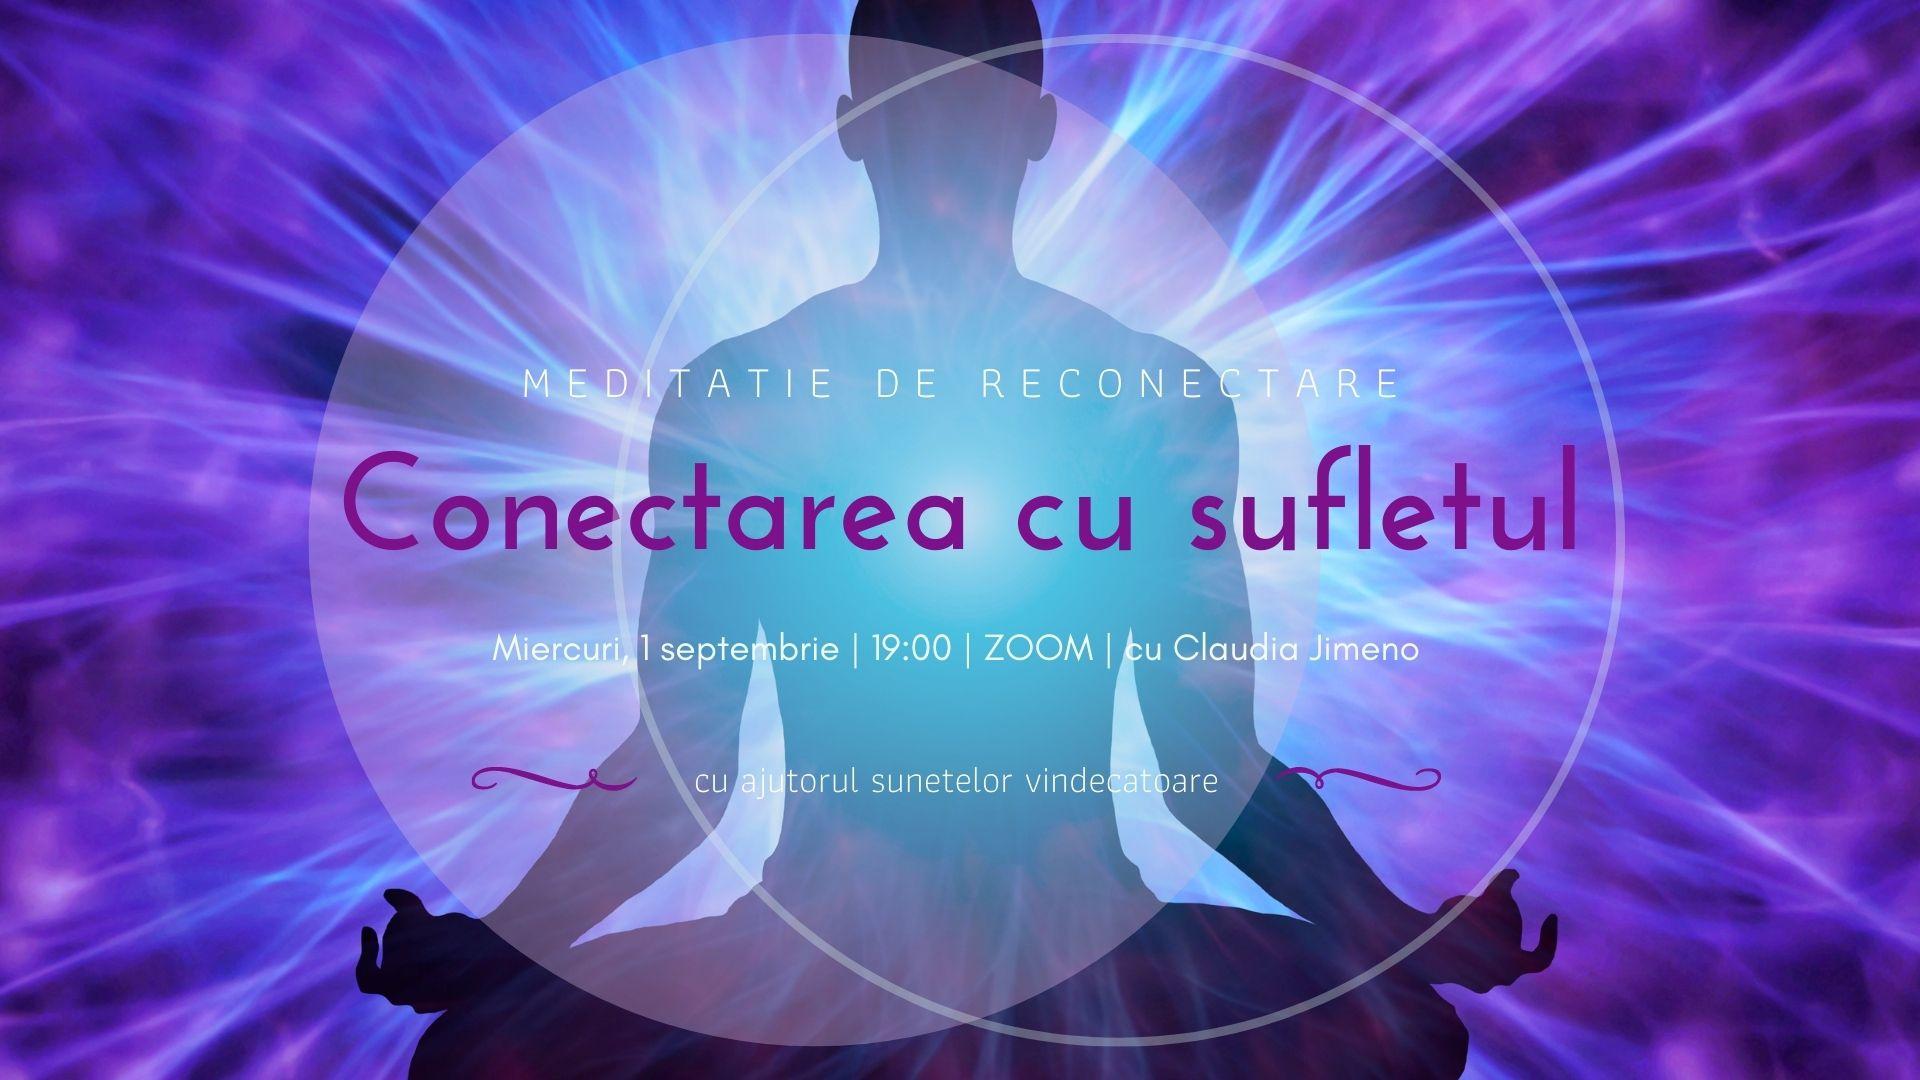 Meditatie cu sunete conectarea cu sufletul, crestere spirituala